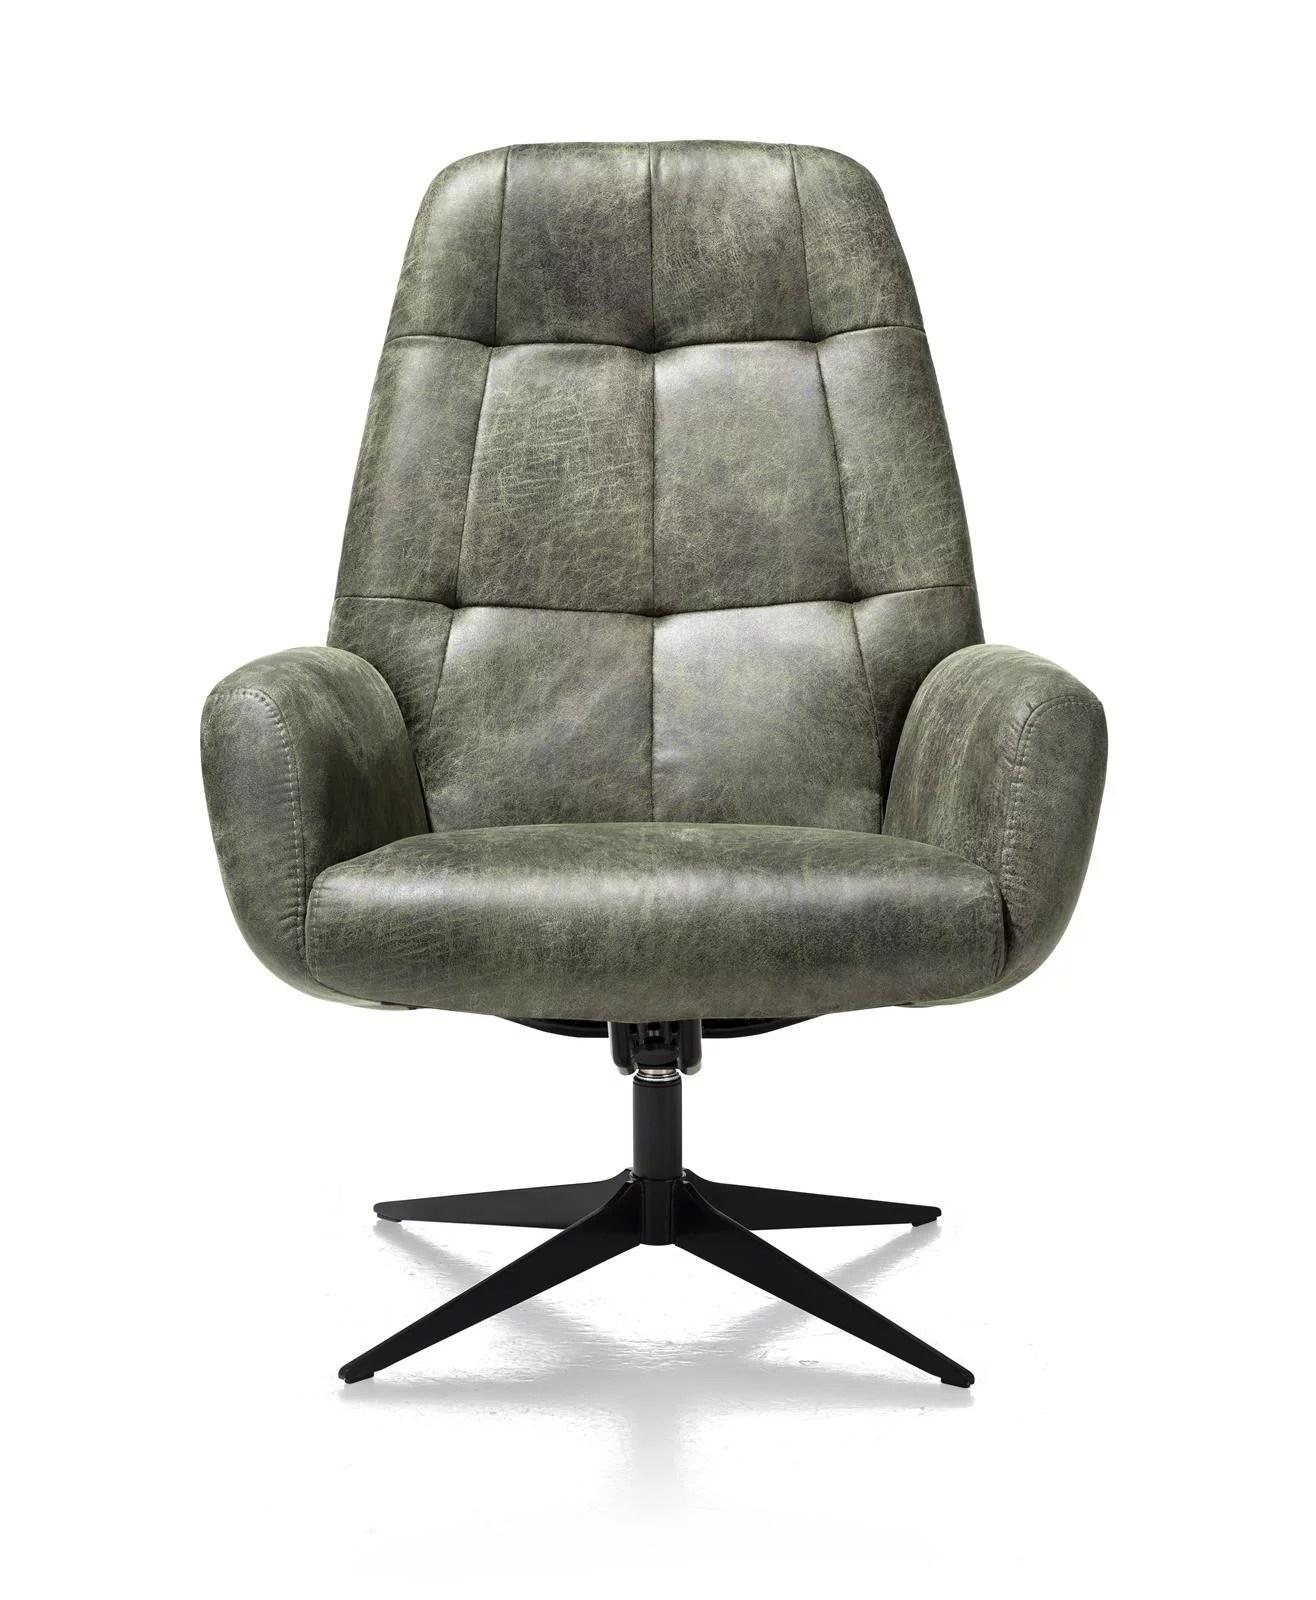 fauteuil archi 76x103 h h createur de